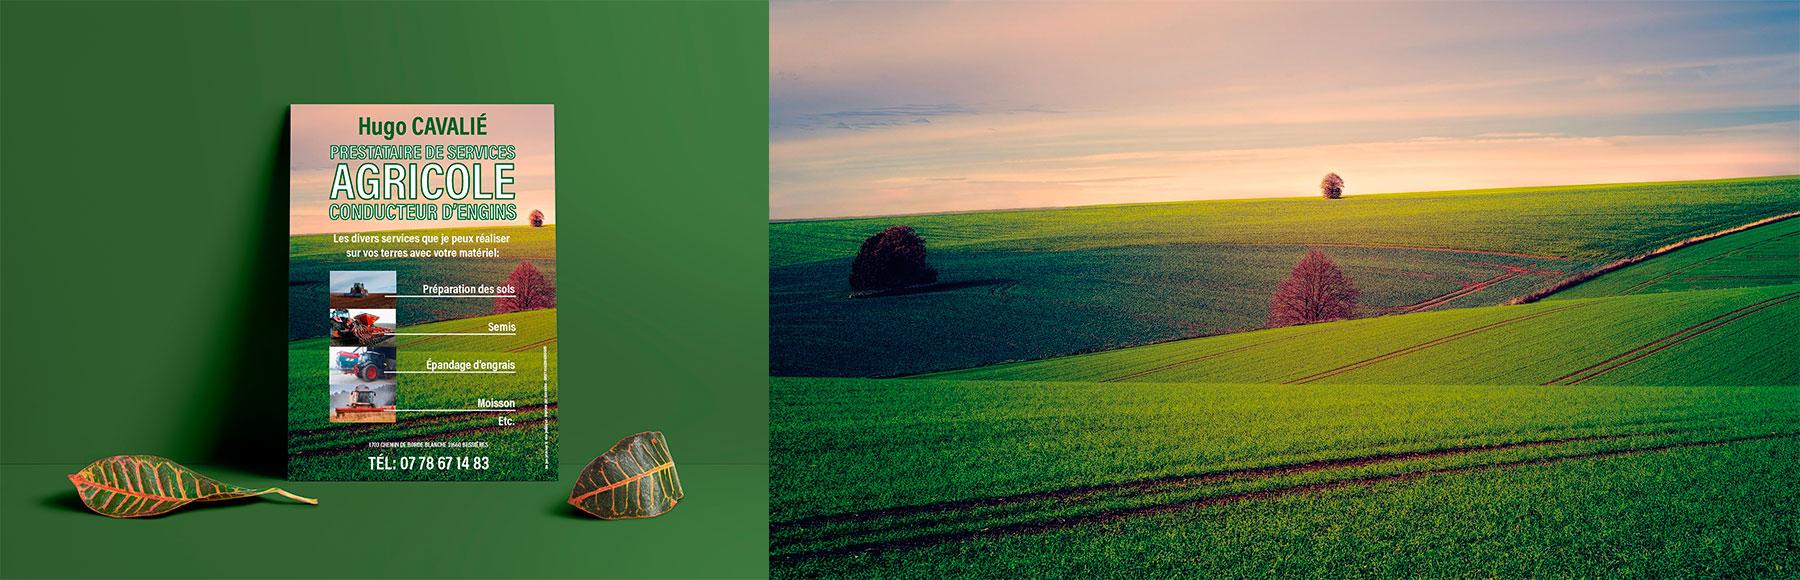 Hugo affiche/flyer offre de services agricoles